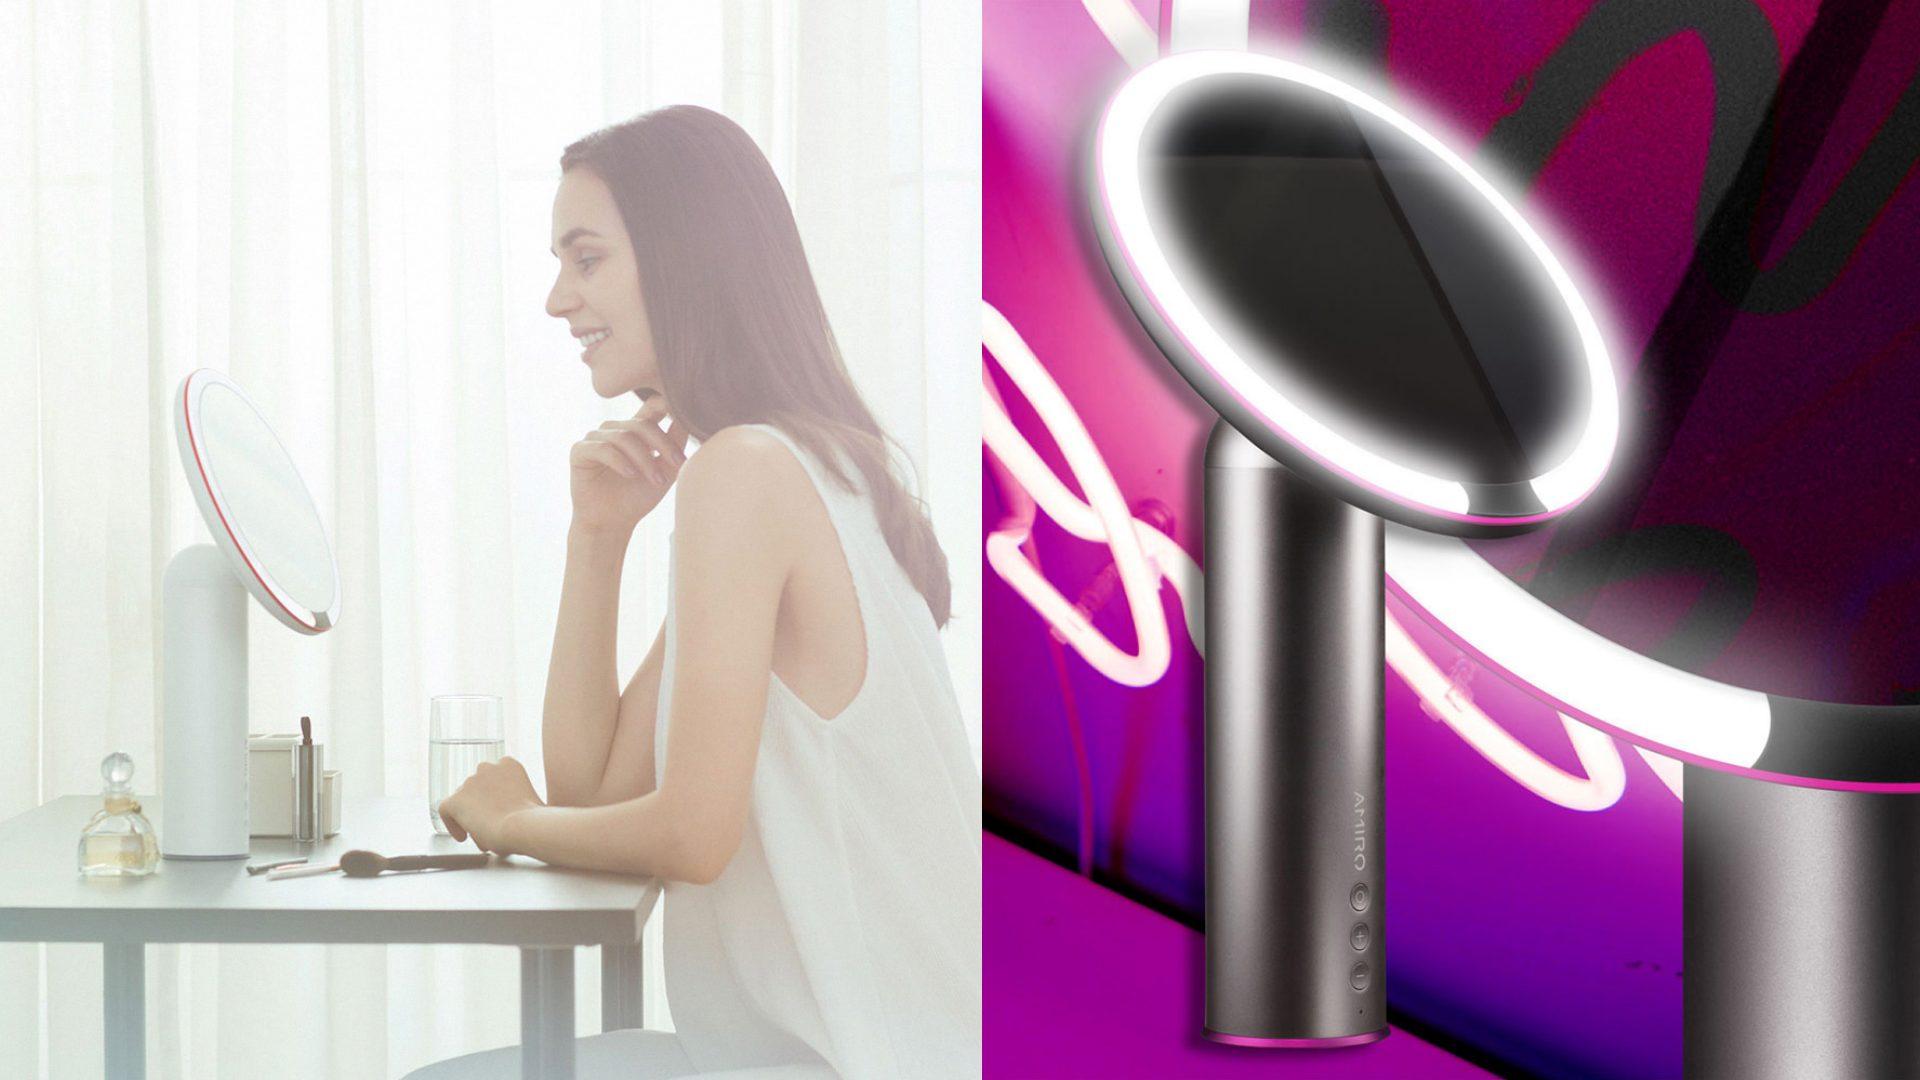 化妝時擁有充足的明亮光線真的很重要,這款化妝鏡就是配有直徑8吋的清晰大鏡面,並透過高顯色技術,三種光源自由調節